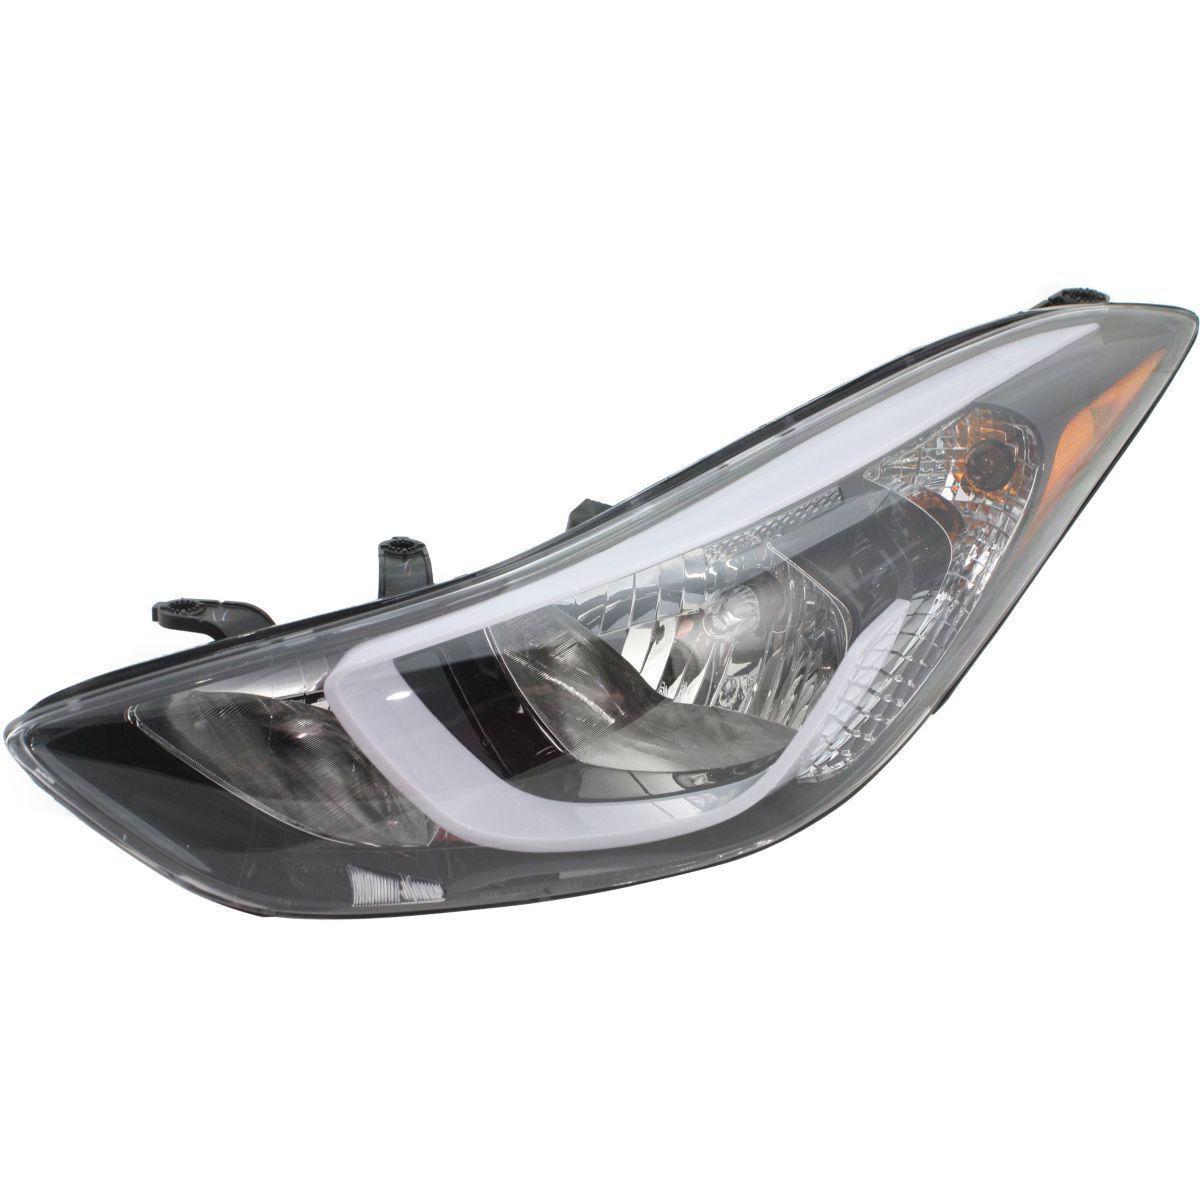 For 2014-2016 Hyundai Elantra Headlight Assembly Left Driver Side 31749CV 2015